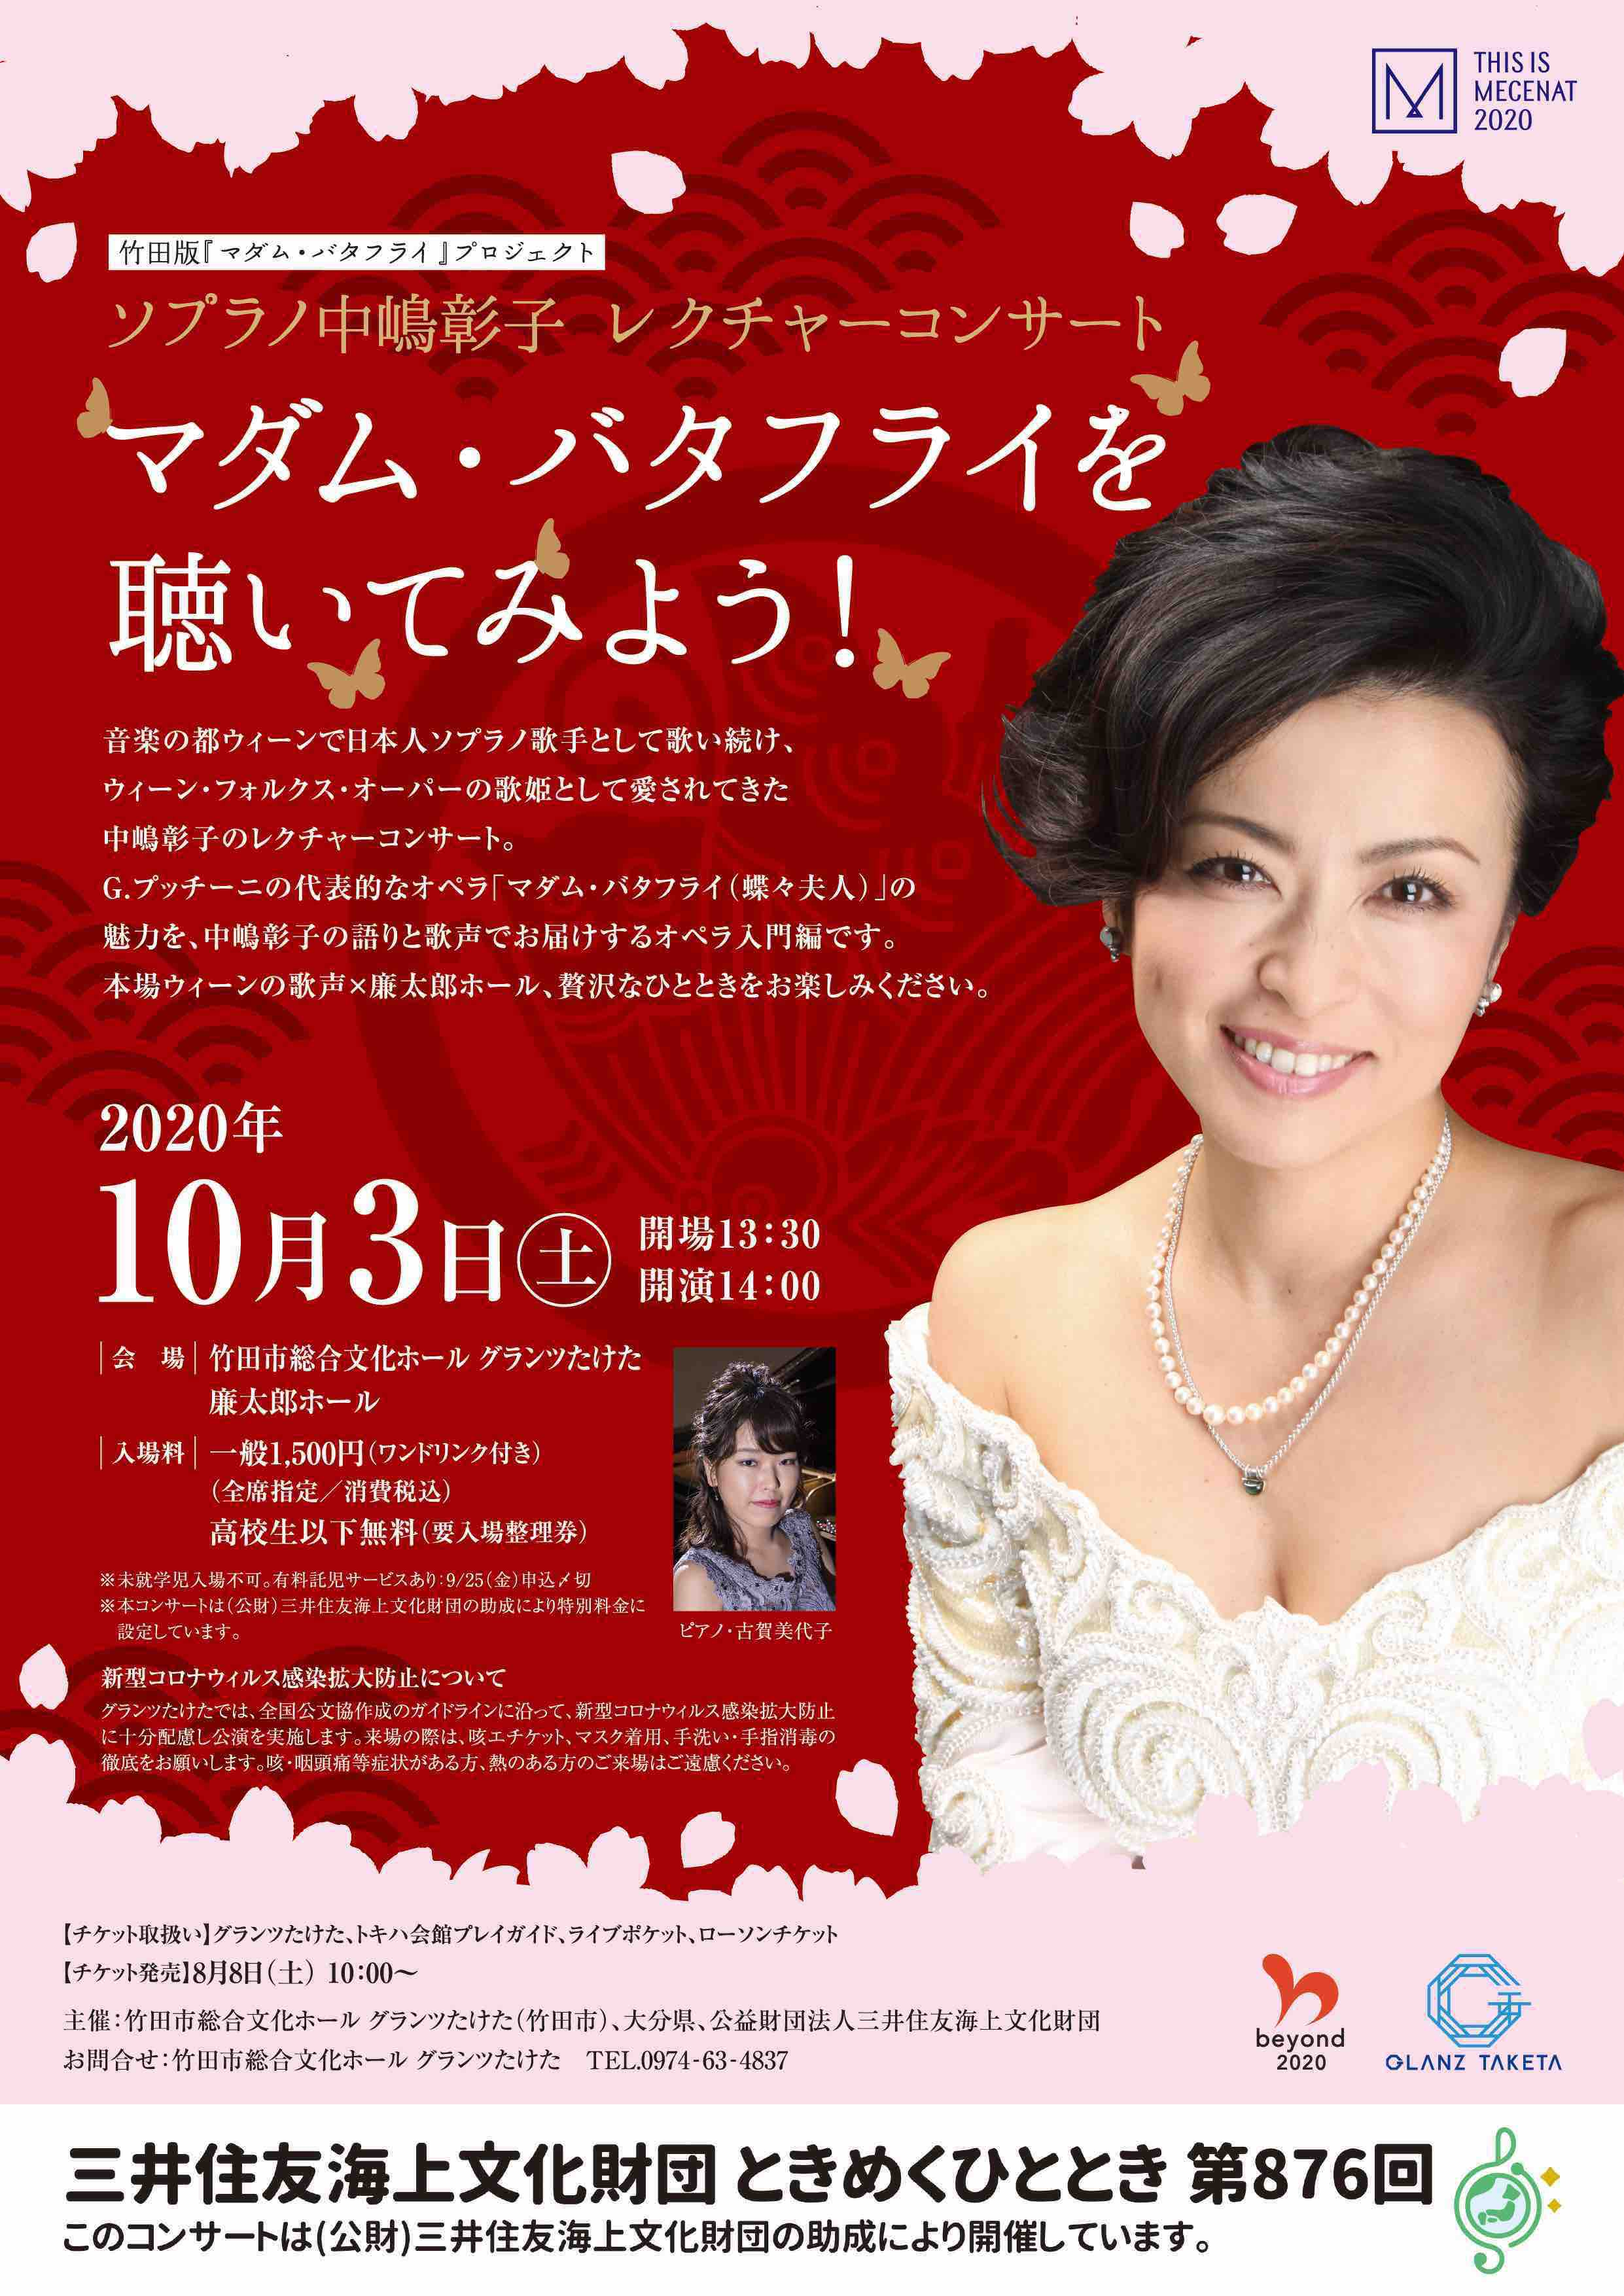 ソプラノ中嶋彰子 レクチャーコンサート マダム・バタフライを聴いてみよう!